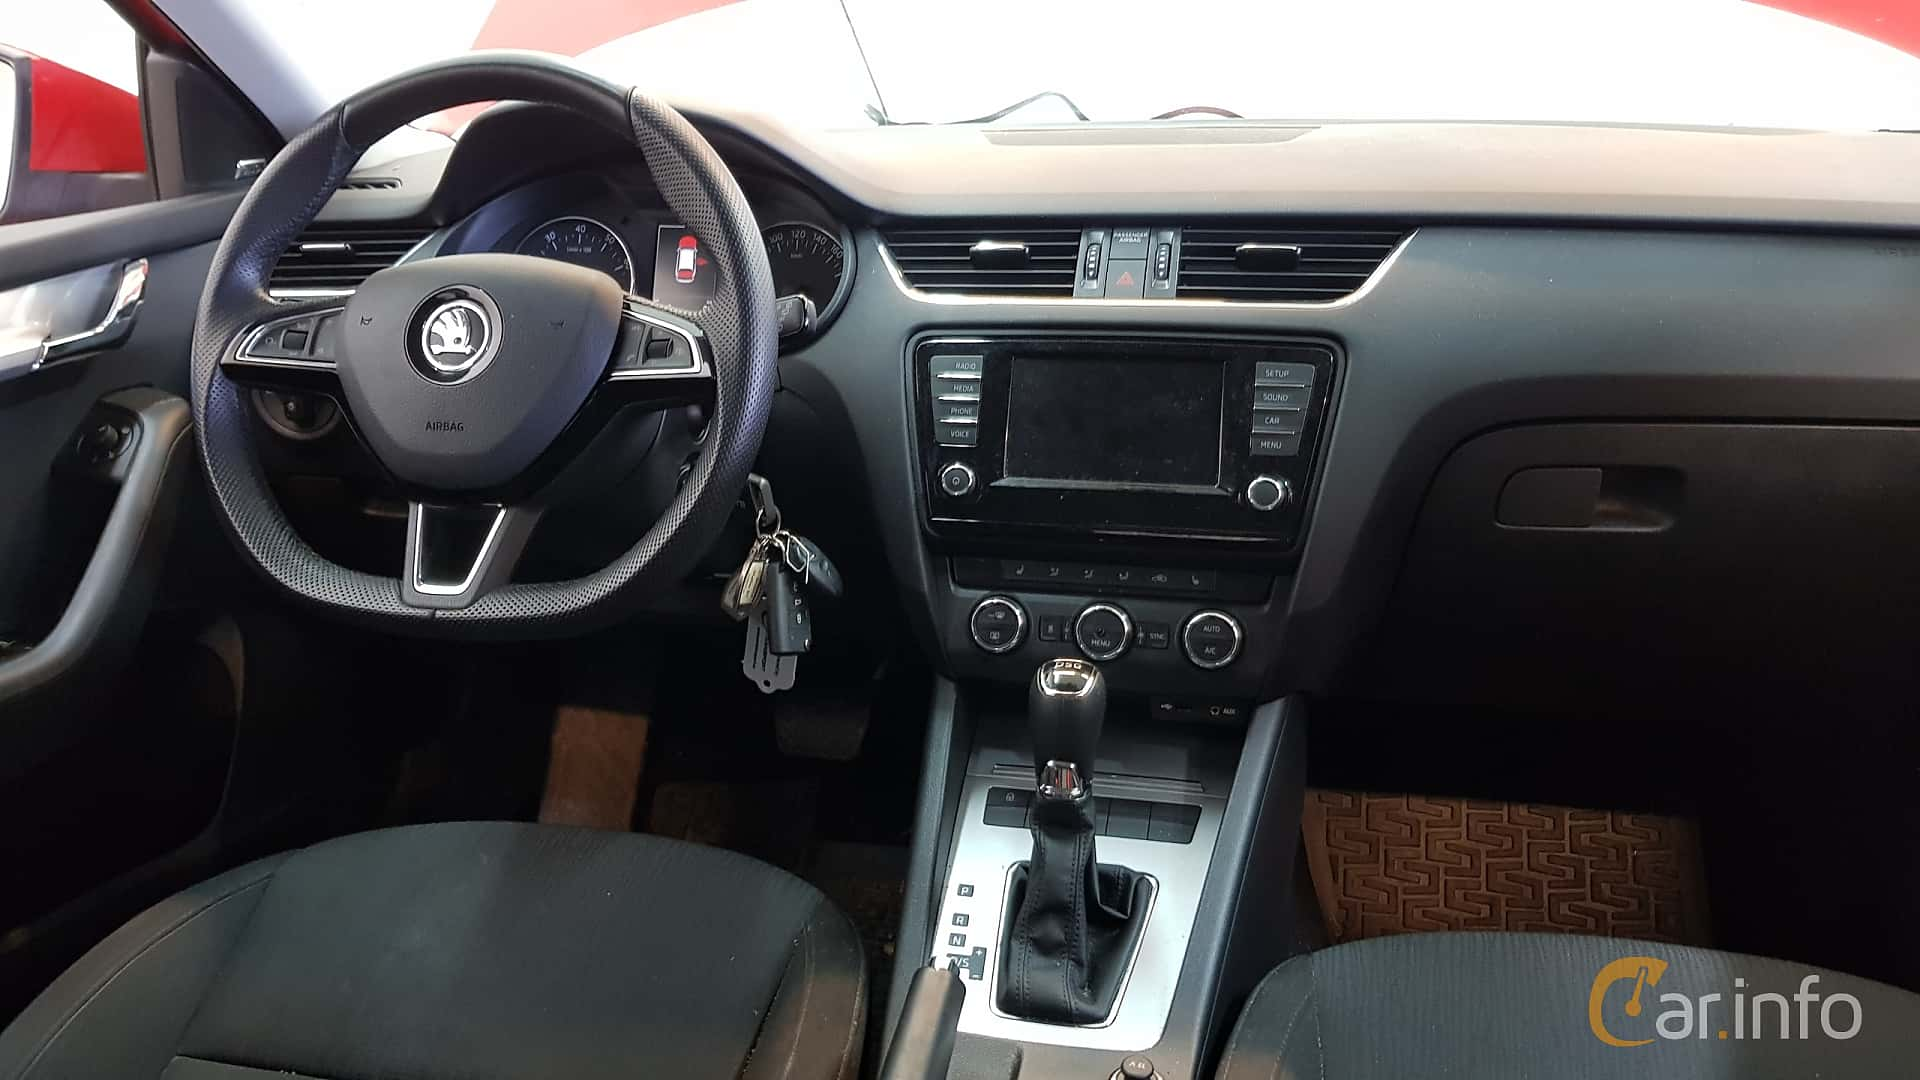 skoda-octavia-combi-interior-3-519879.jpg